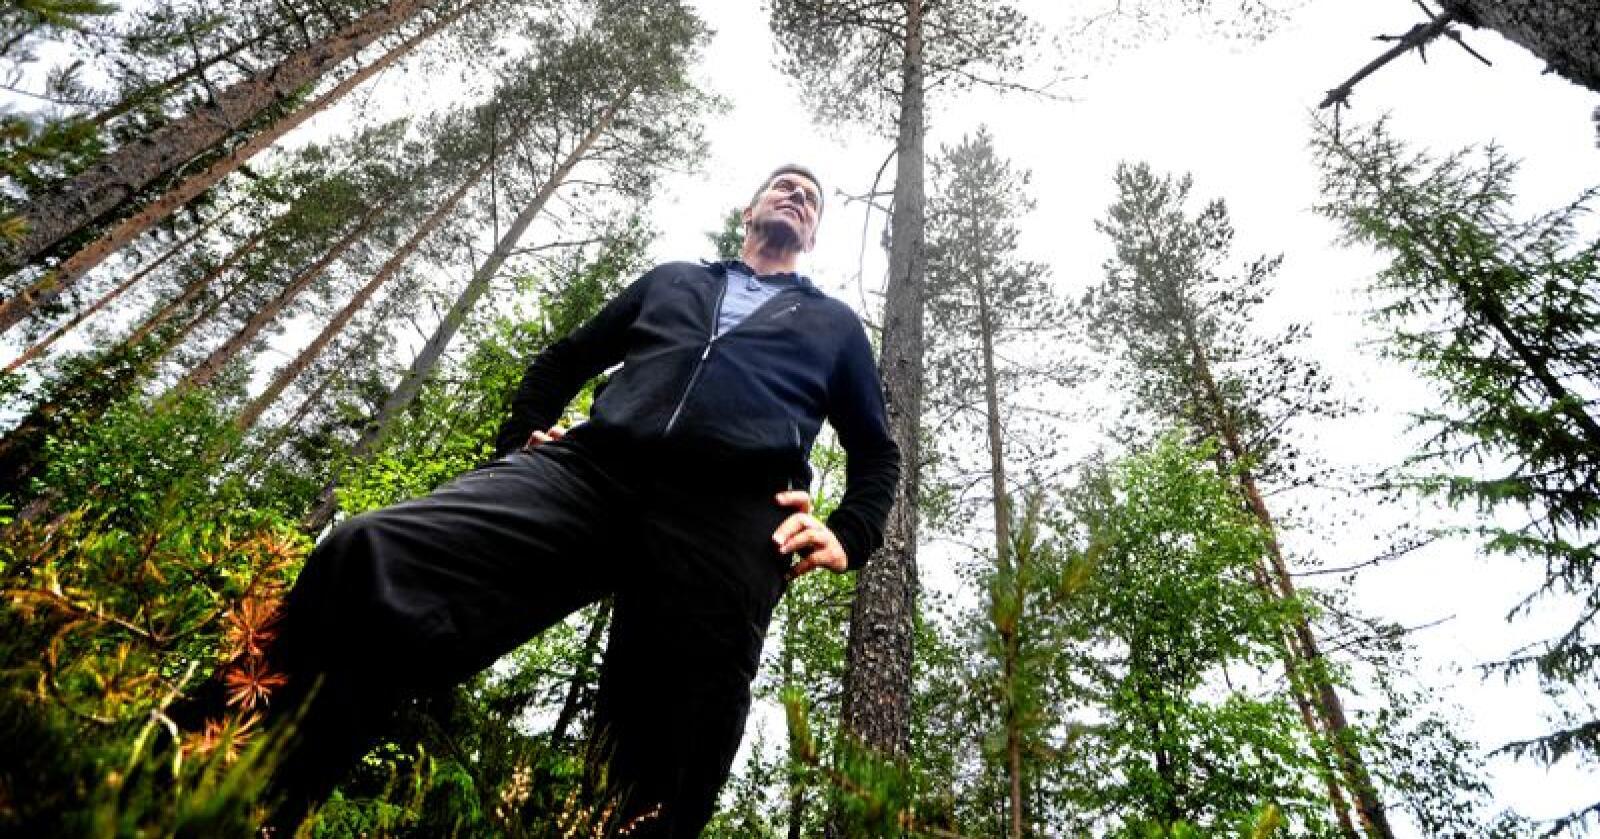 På bar bakke: Hadde Glommen Skogs Gunnar Gundersen vendt blikket nedover, ville han sett en viktig del av skogens klimaregnskap, skriver leserbrevforfatteren. Foto: Siri Juell Rasmussen